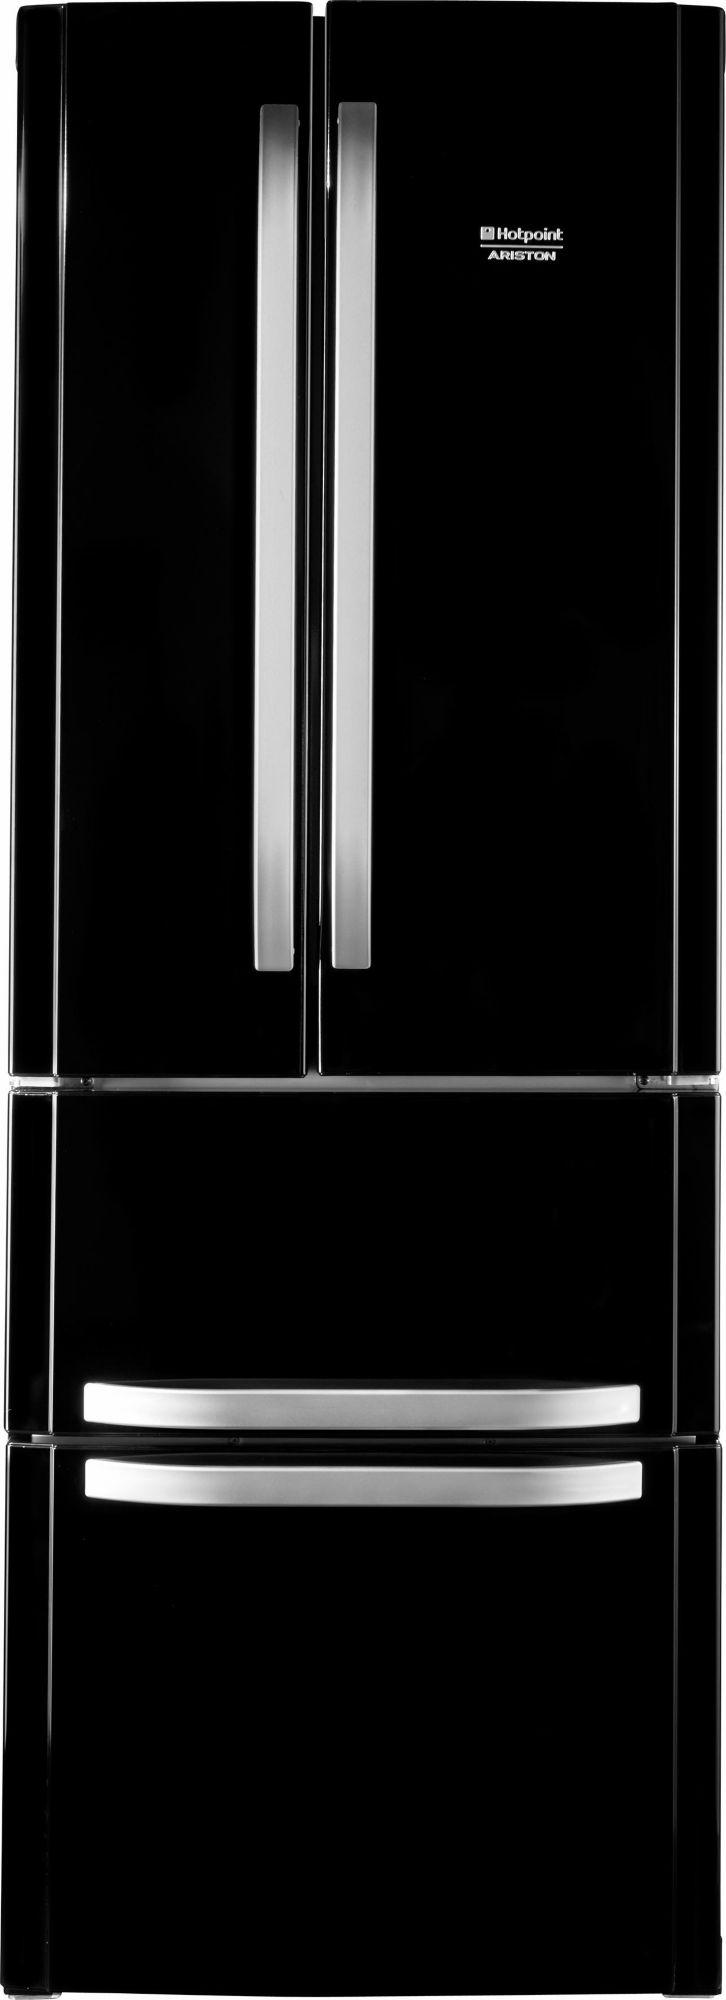 HOTPOINT Hotpoint French Door Kühlschrank E4DAABC, A+, 195,5 cm hoch, NoFrost